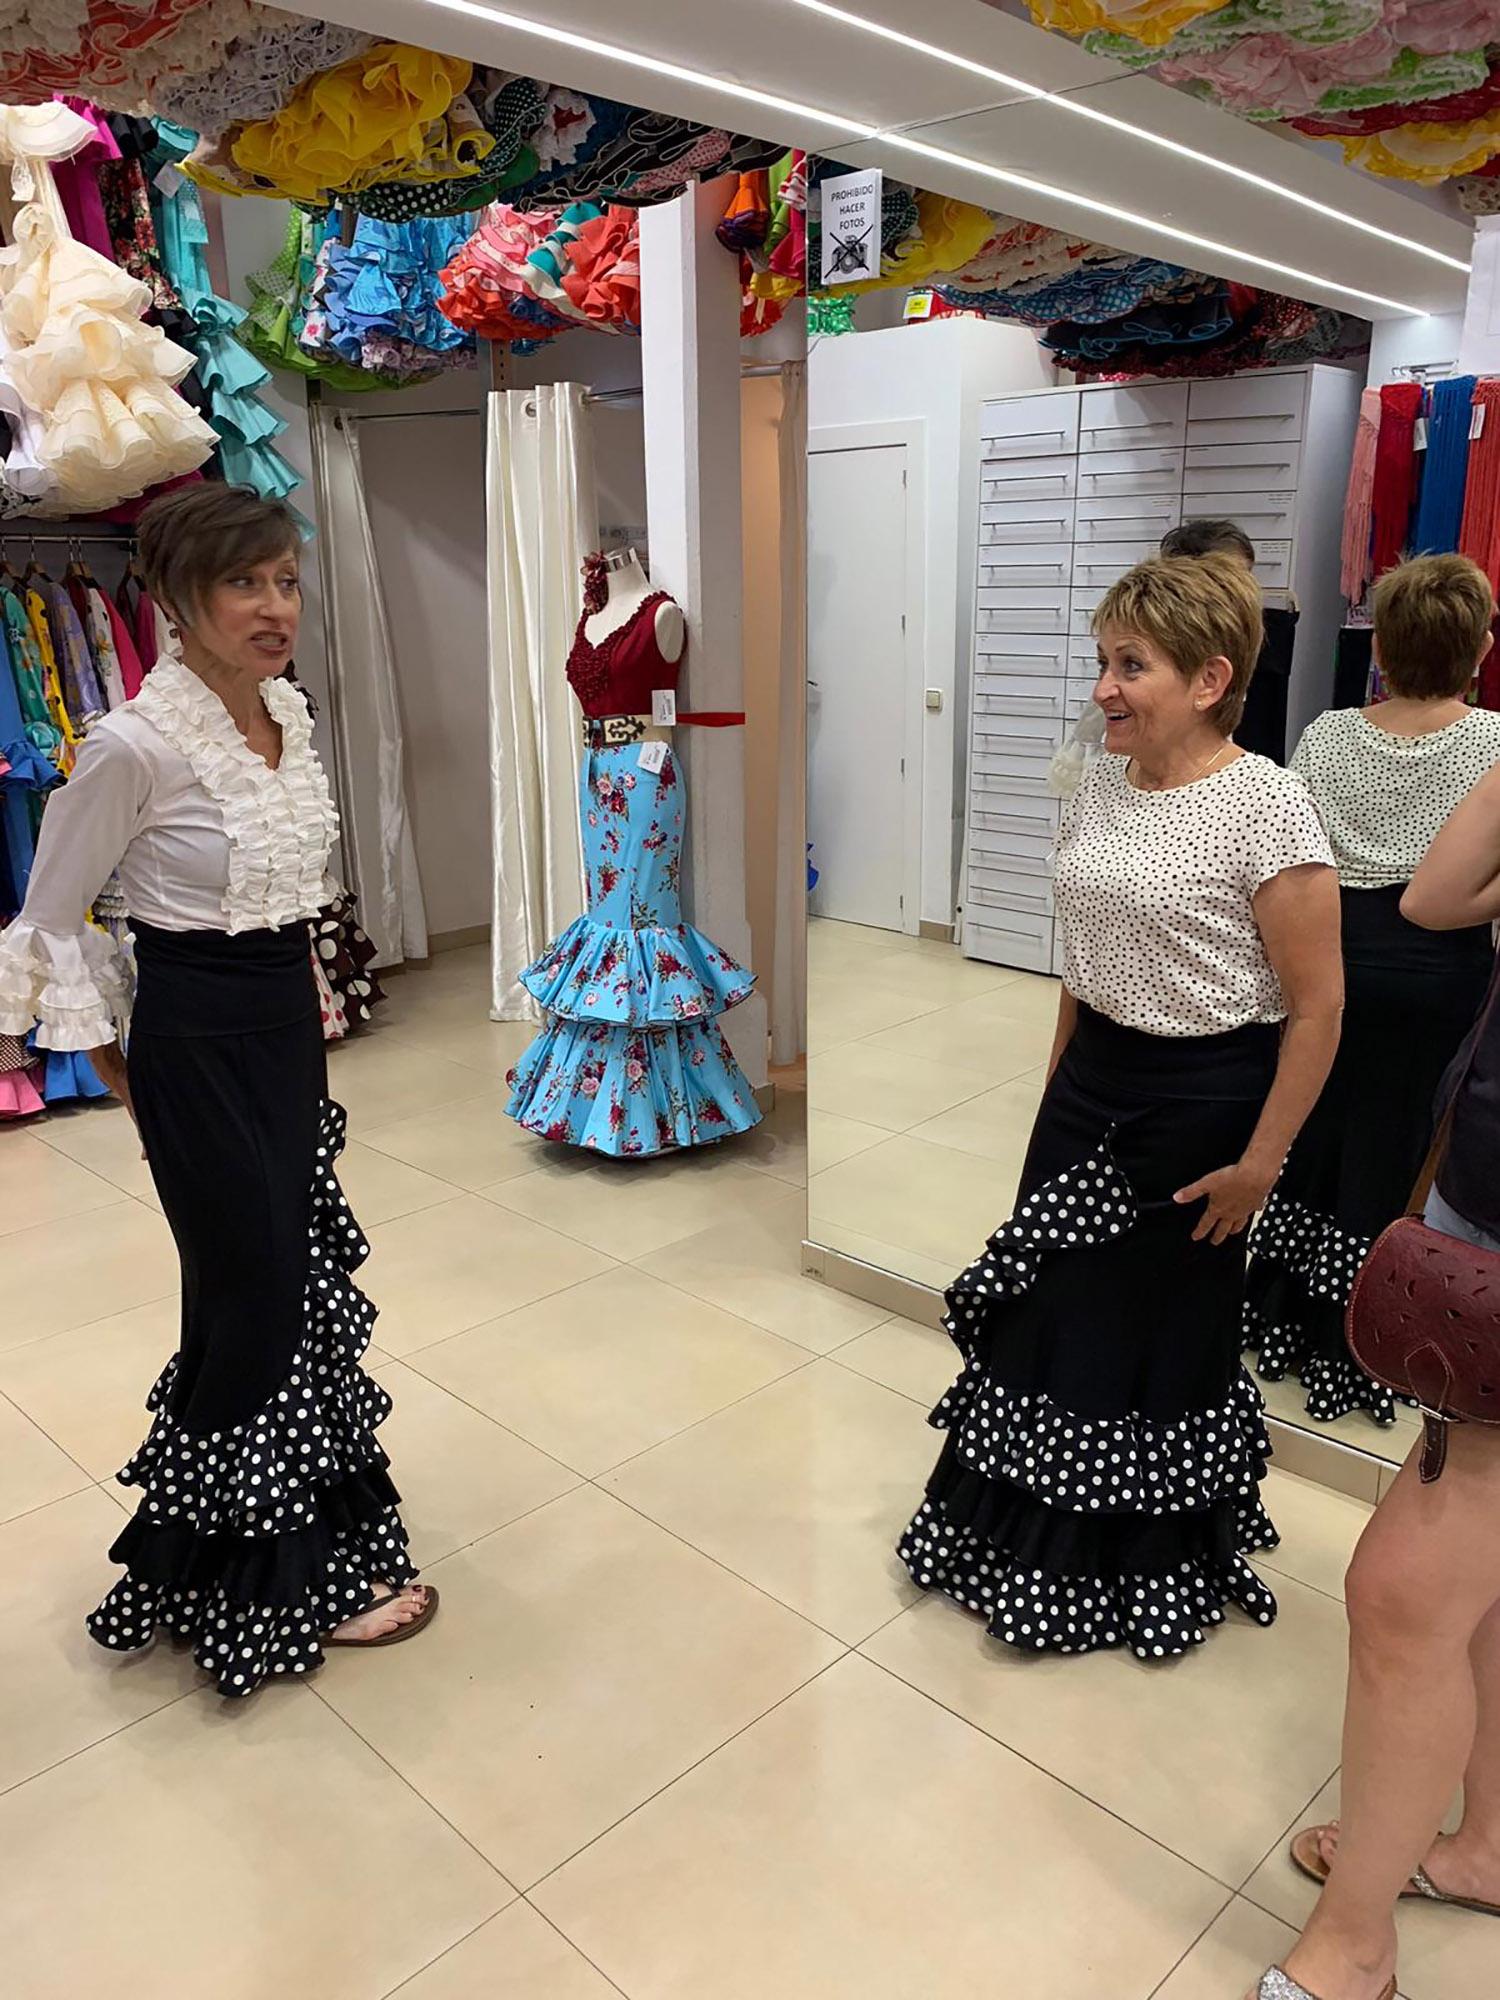 Trip to El Rocio to buy flamenco outfits